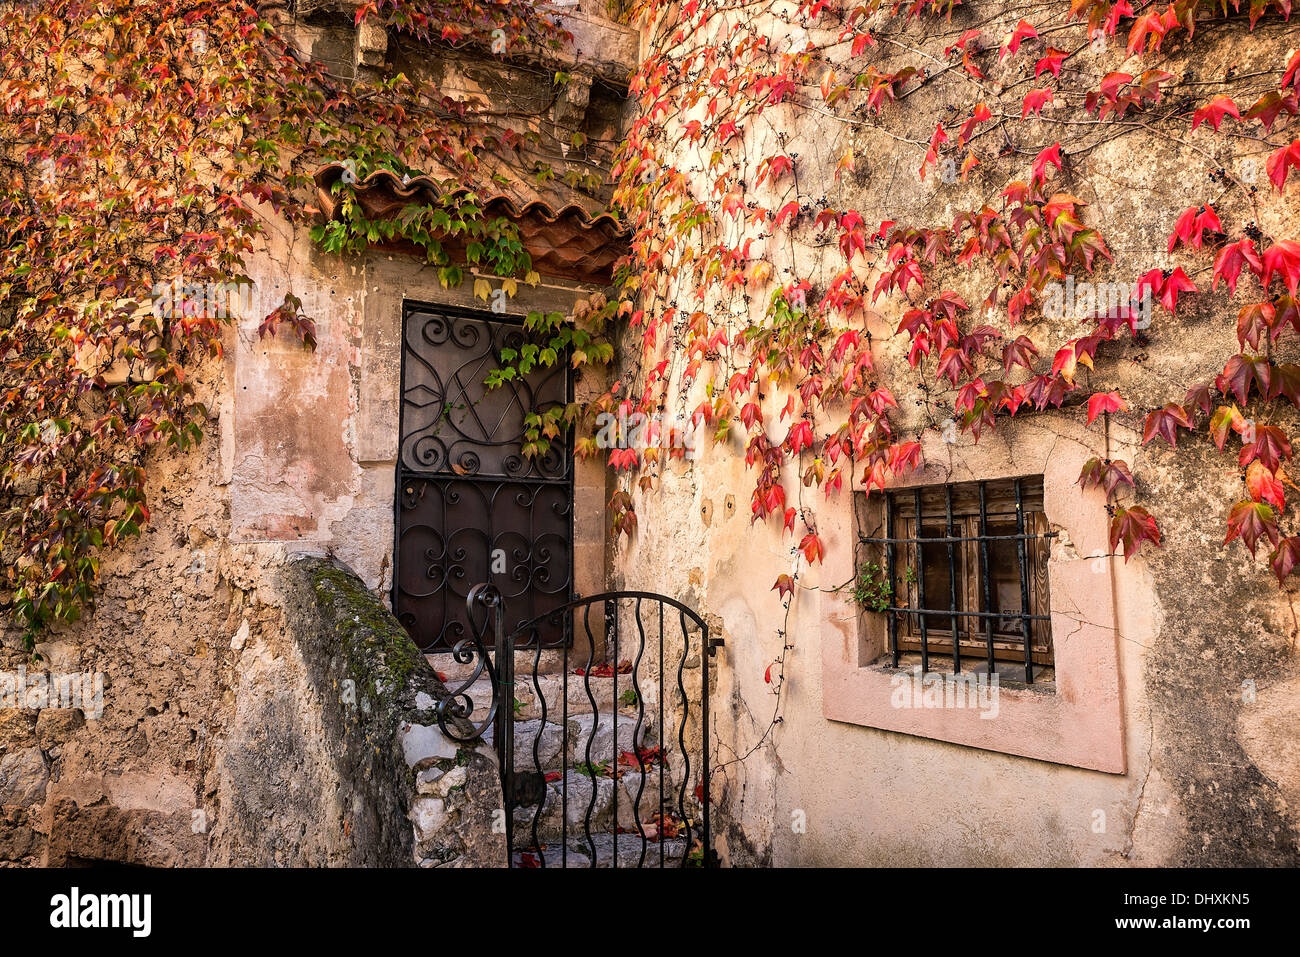 Encantadora fachada rústica y la hiedra, eza, cote d'Azur, Francia Imagen De Stock